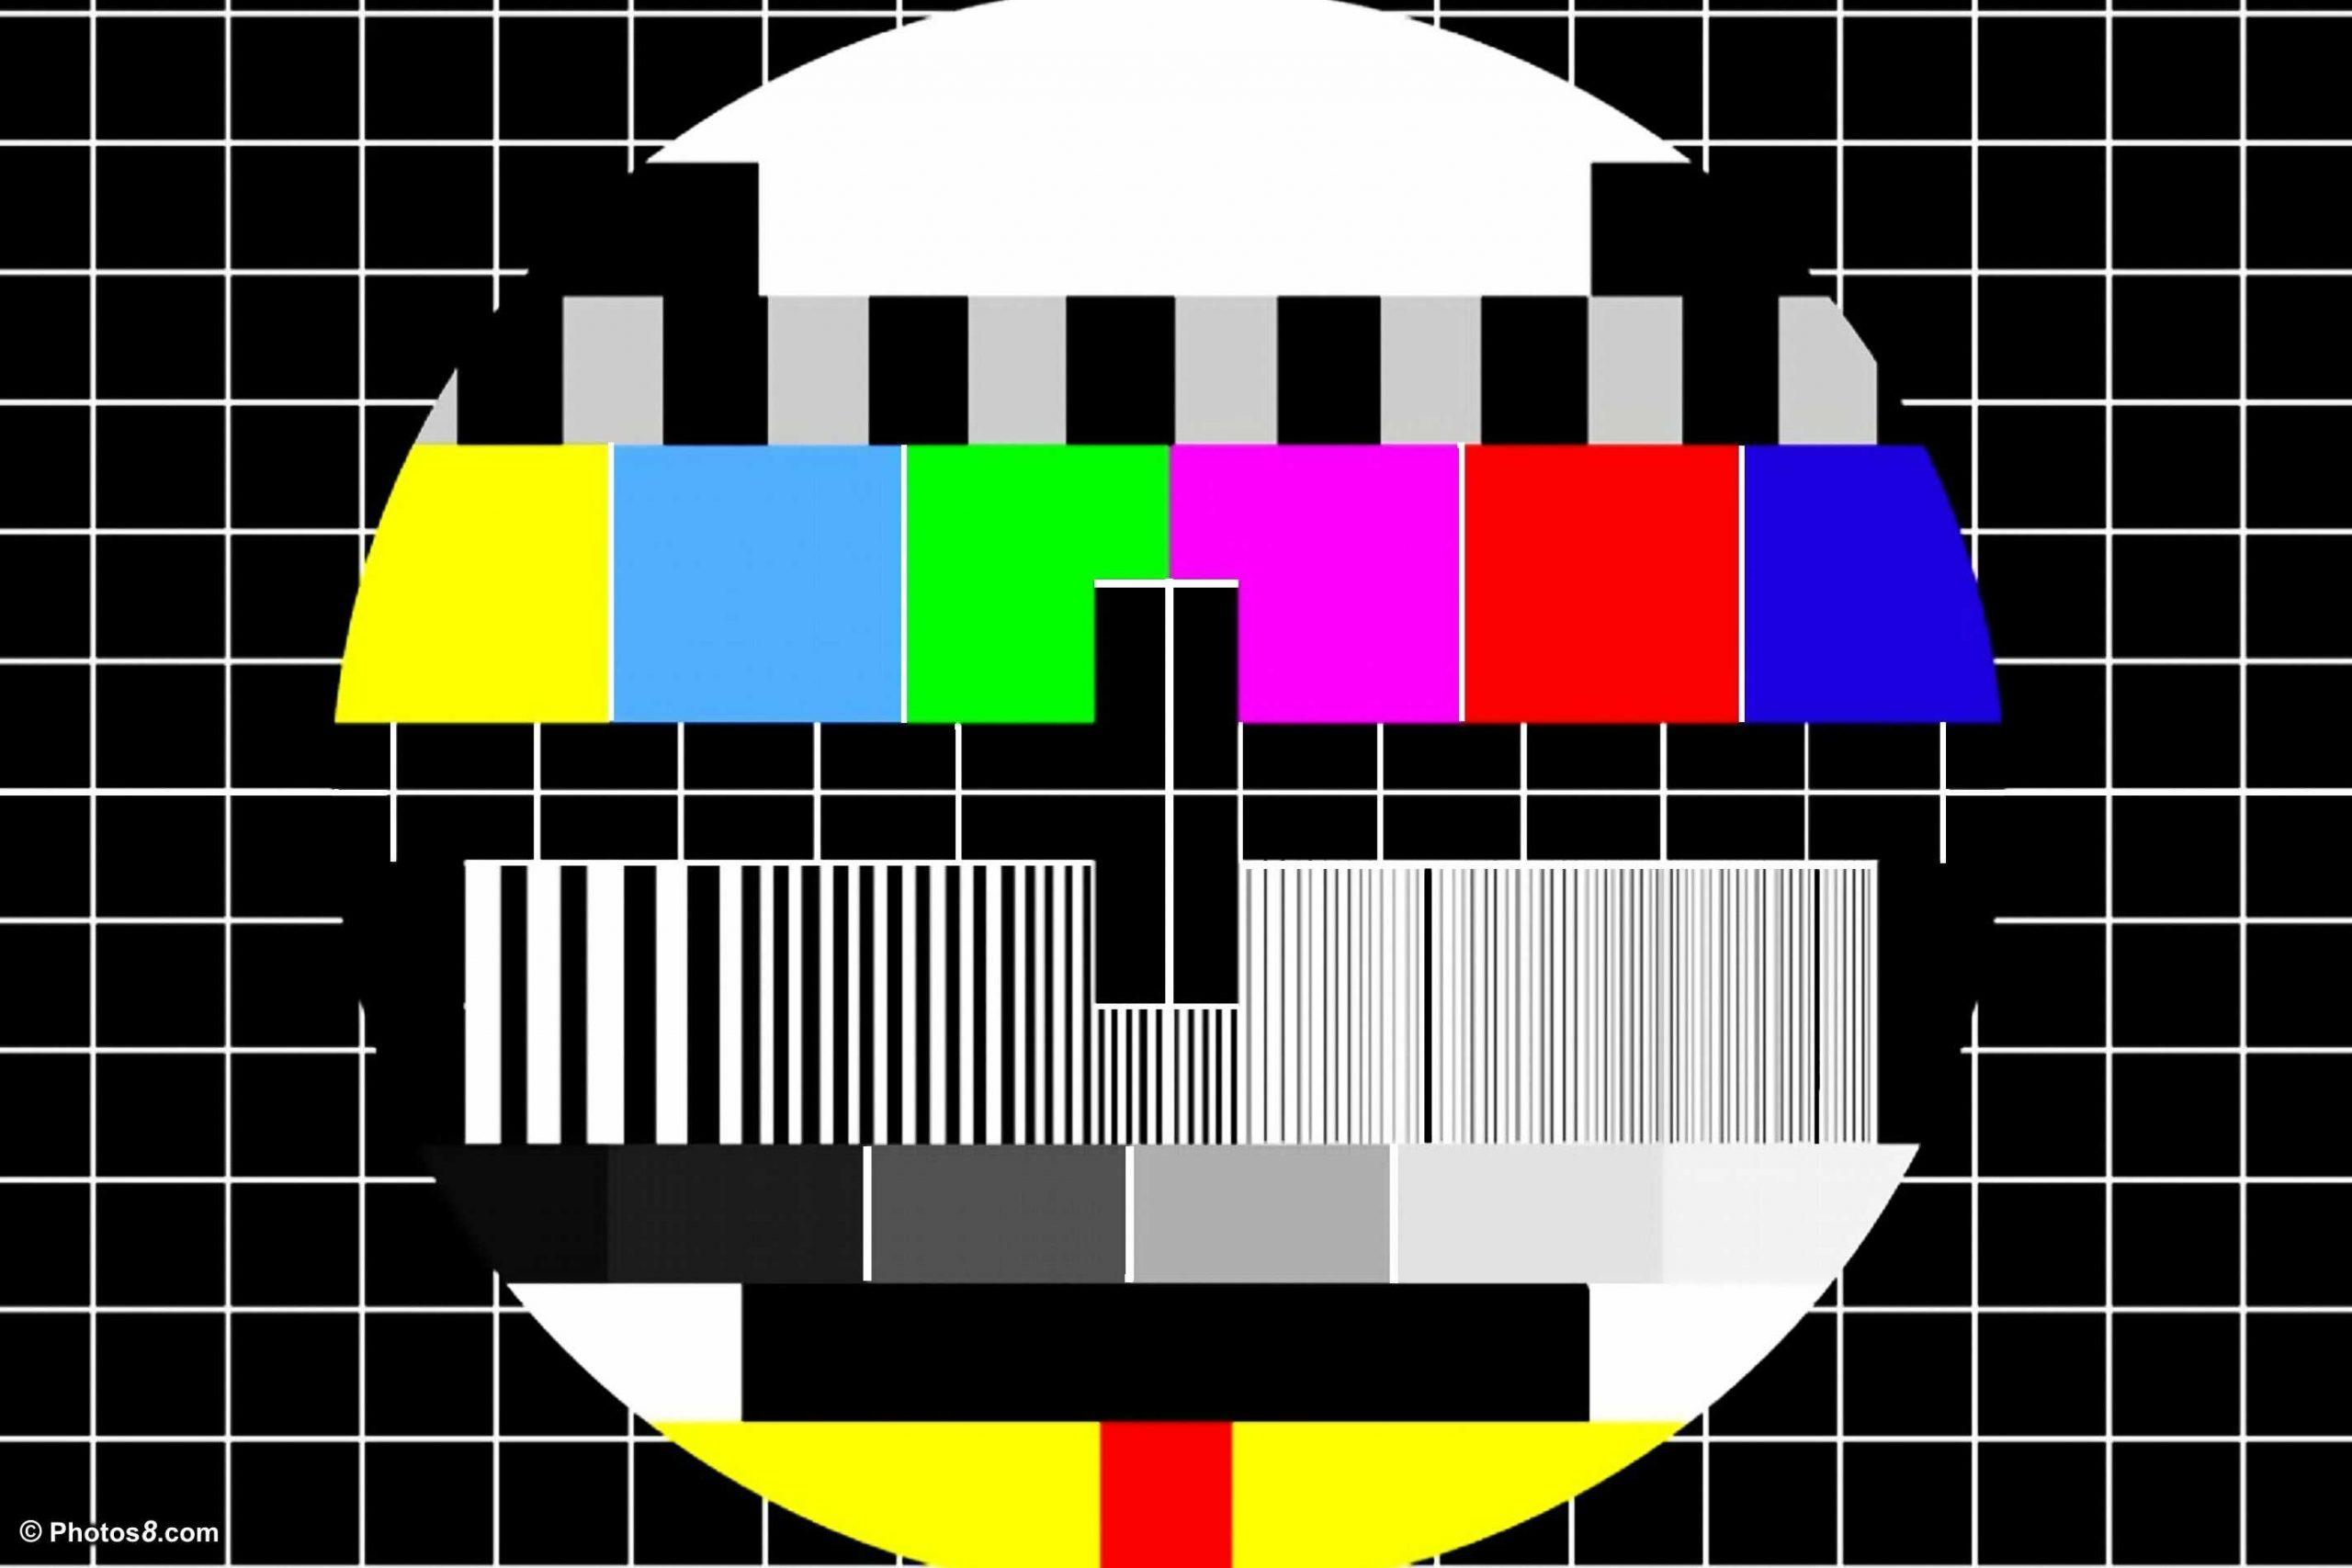 Read more about the article ทำไมต้องมีการจัดเรตติ้ง สำหรับรายการทีวีต่างๆ